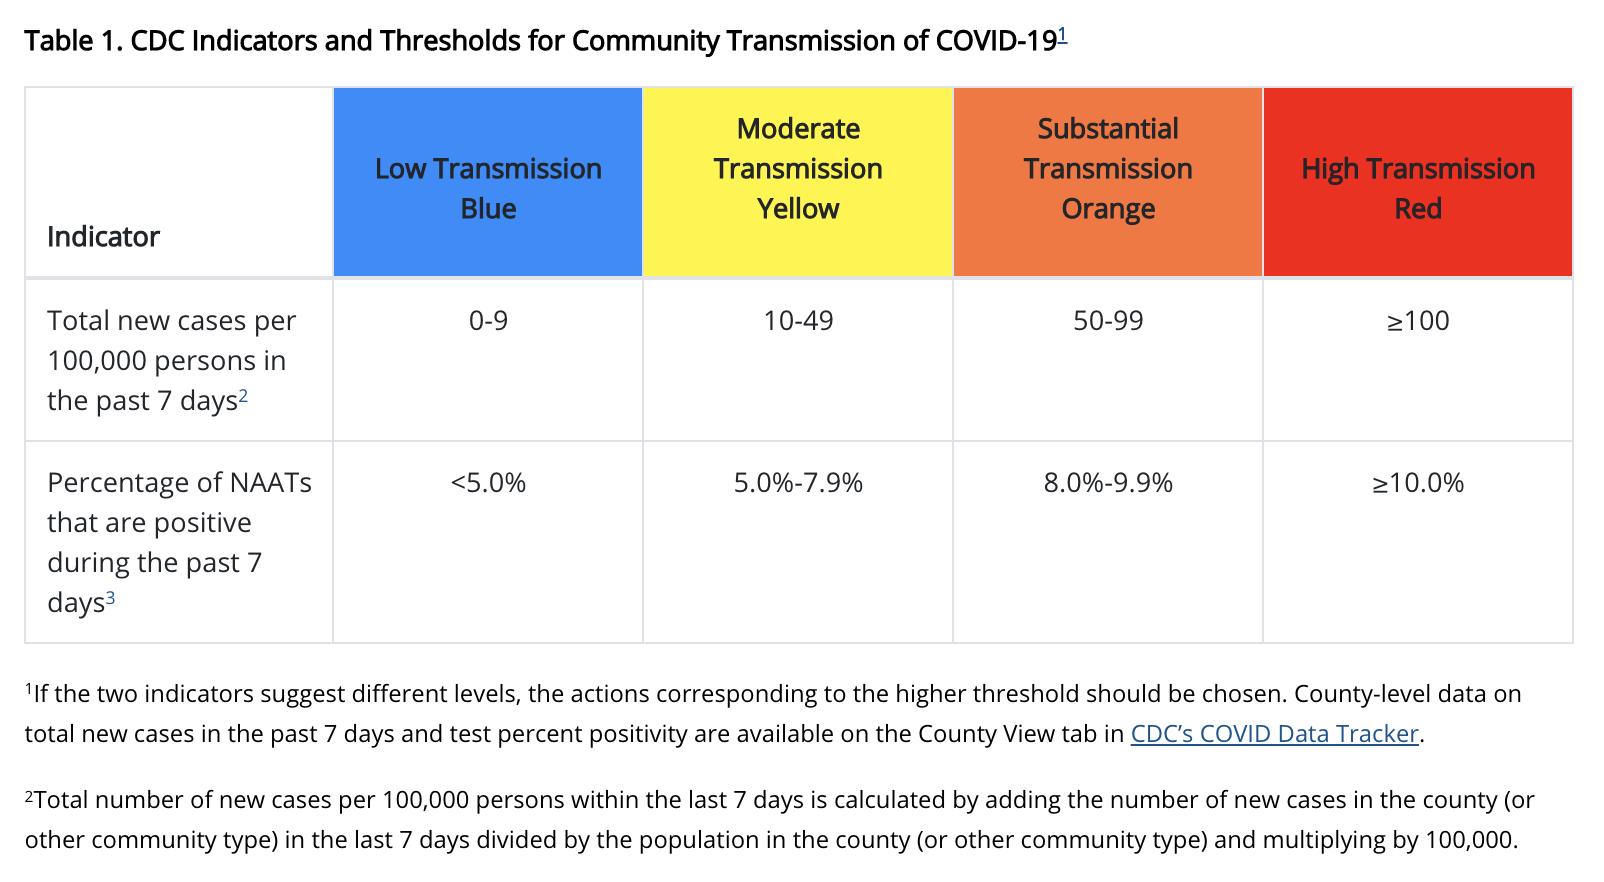 CDC Community Risk Thresholds